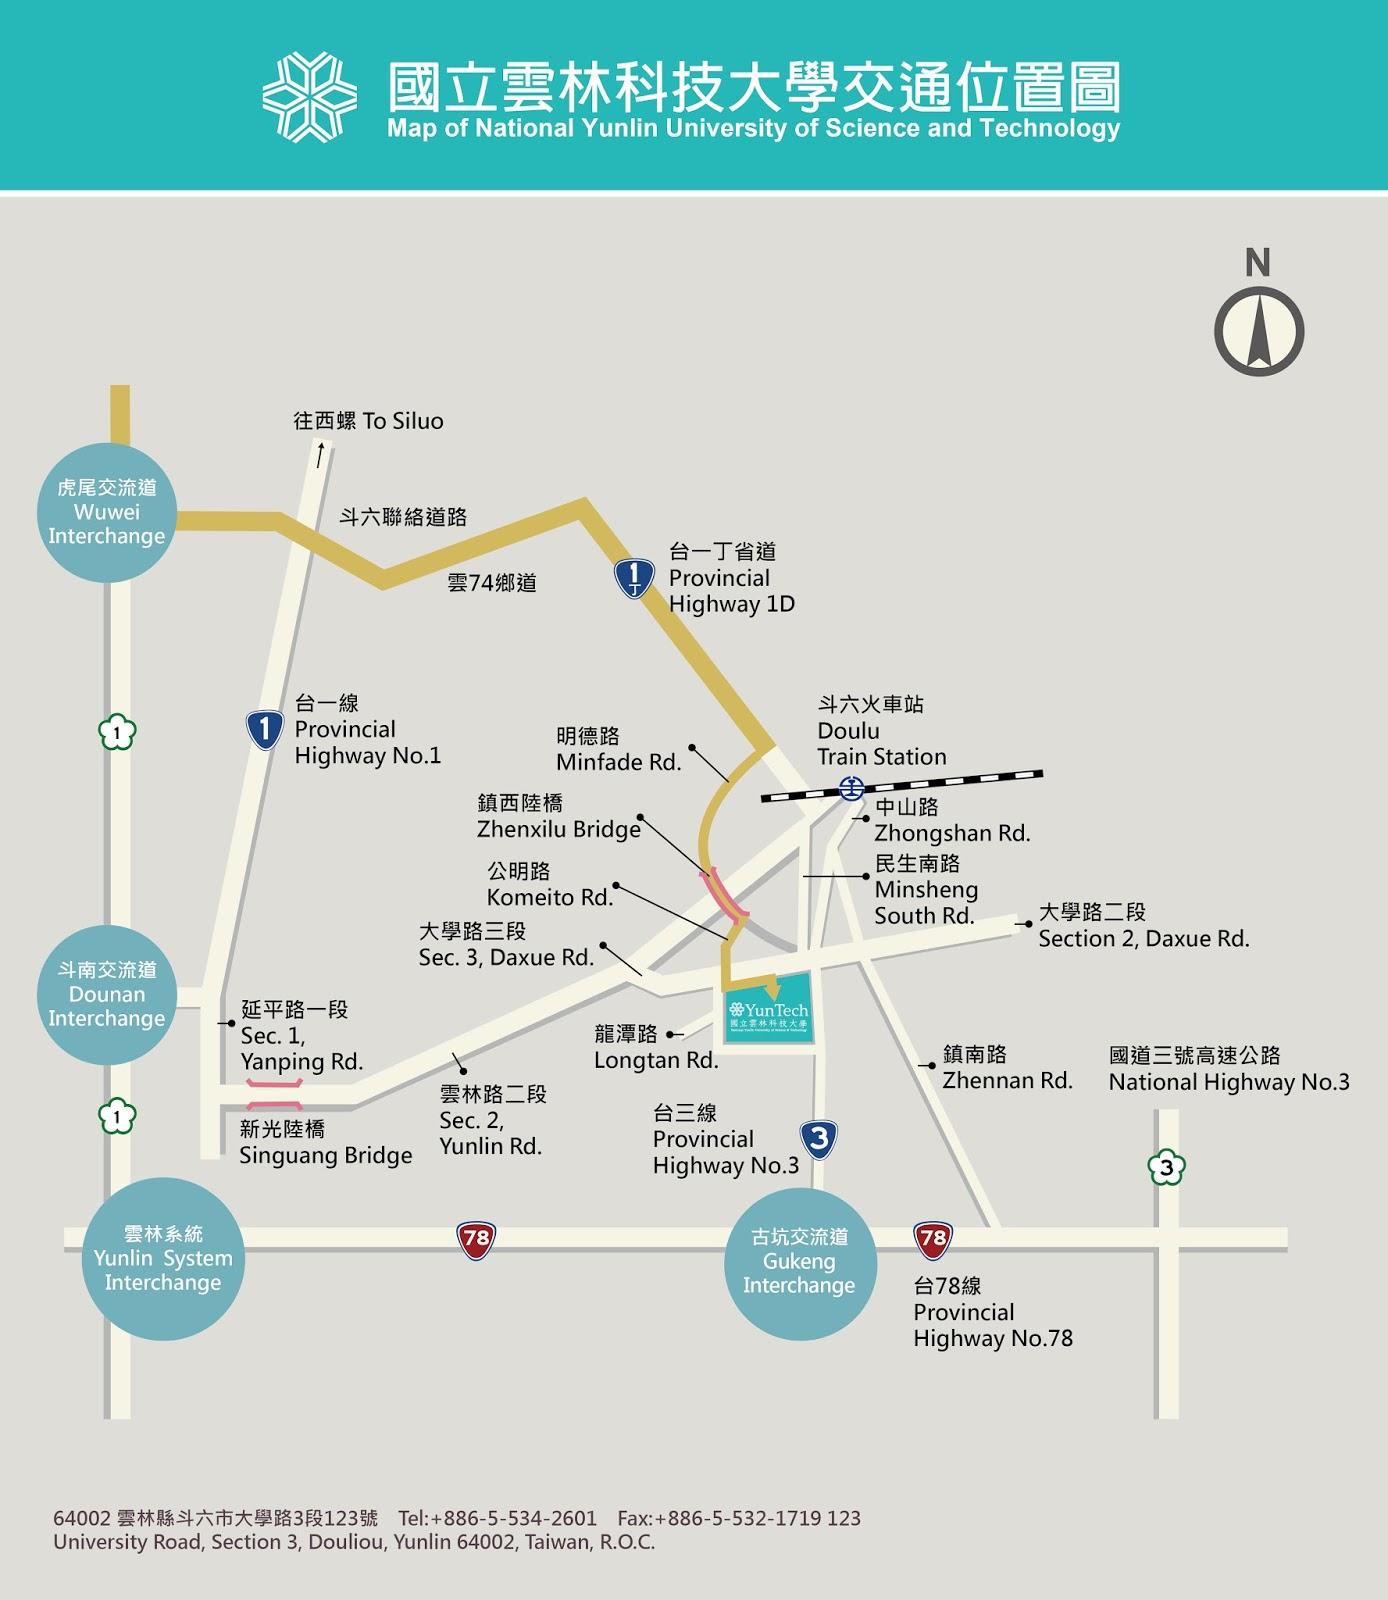 交通資訊- 如何前往雲林科技大學